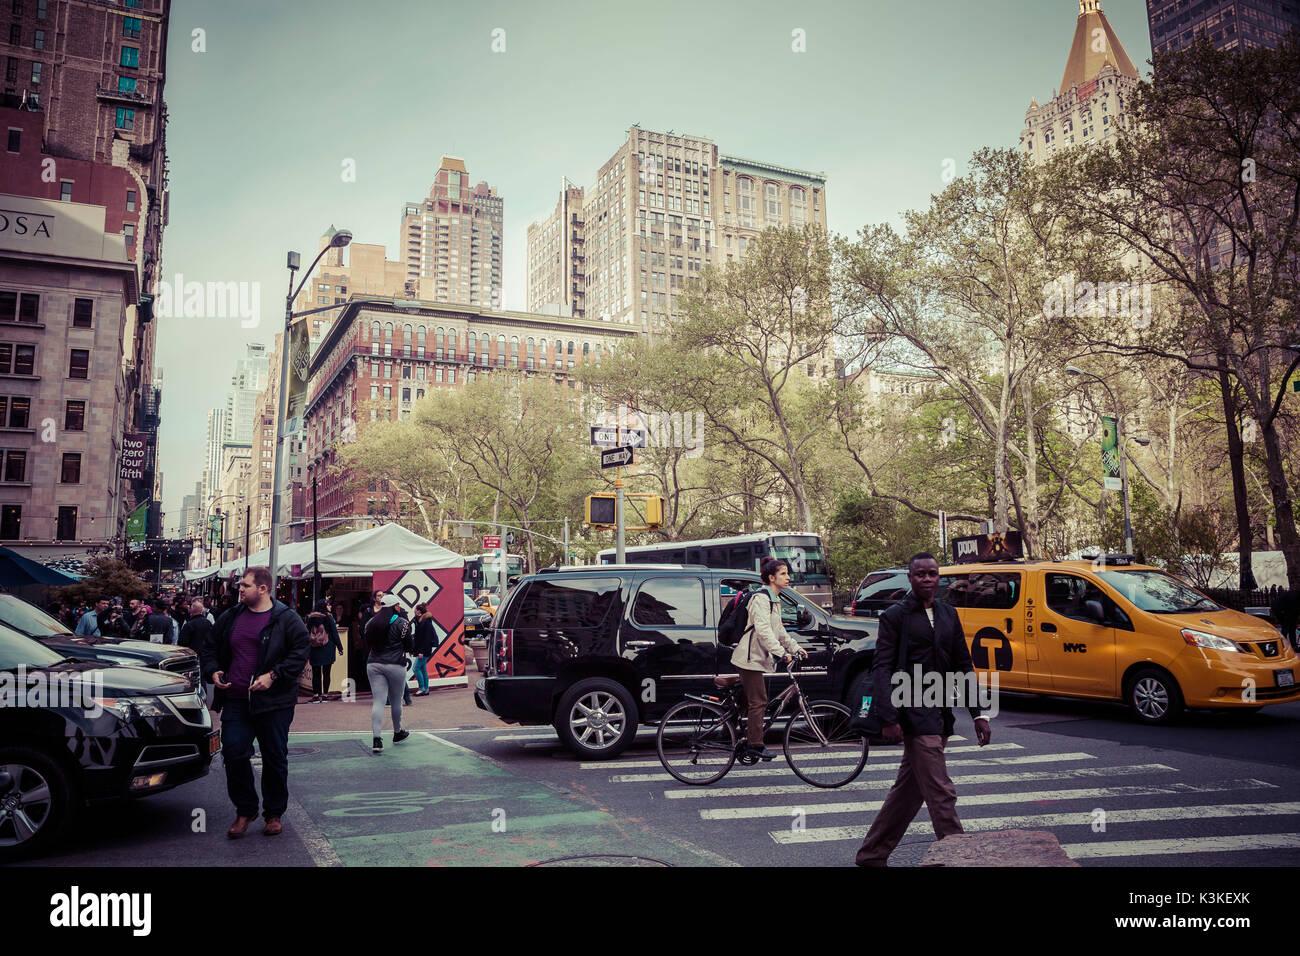 Typische NY Straßenbild, beschäftigt die Menschen auf einem Zebrastreifen und Verkehr an der 5th Avenue, Stockbild